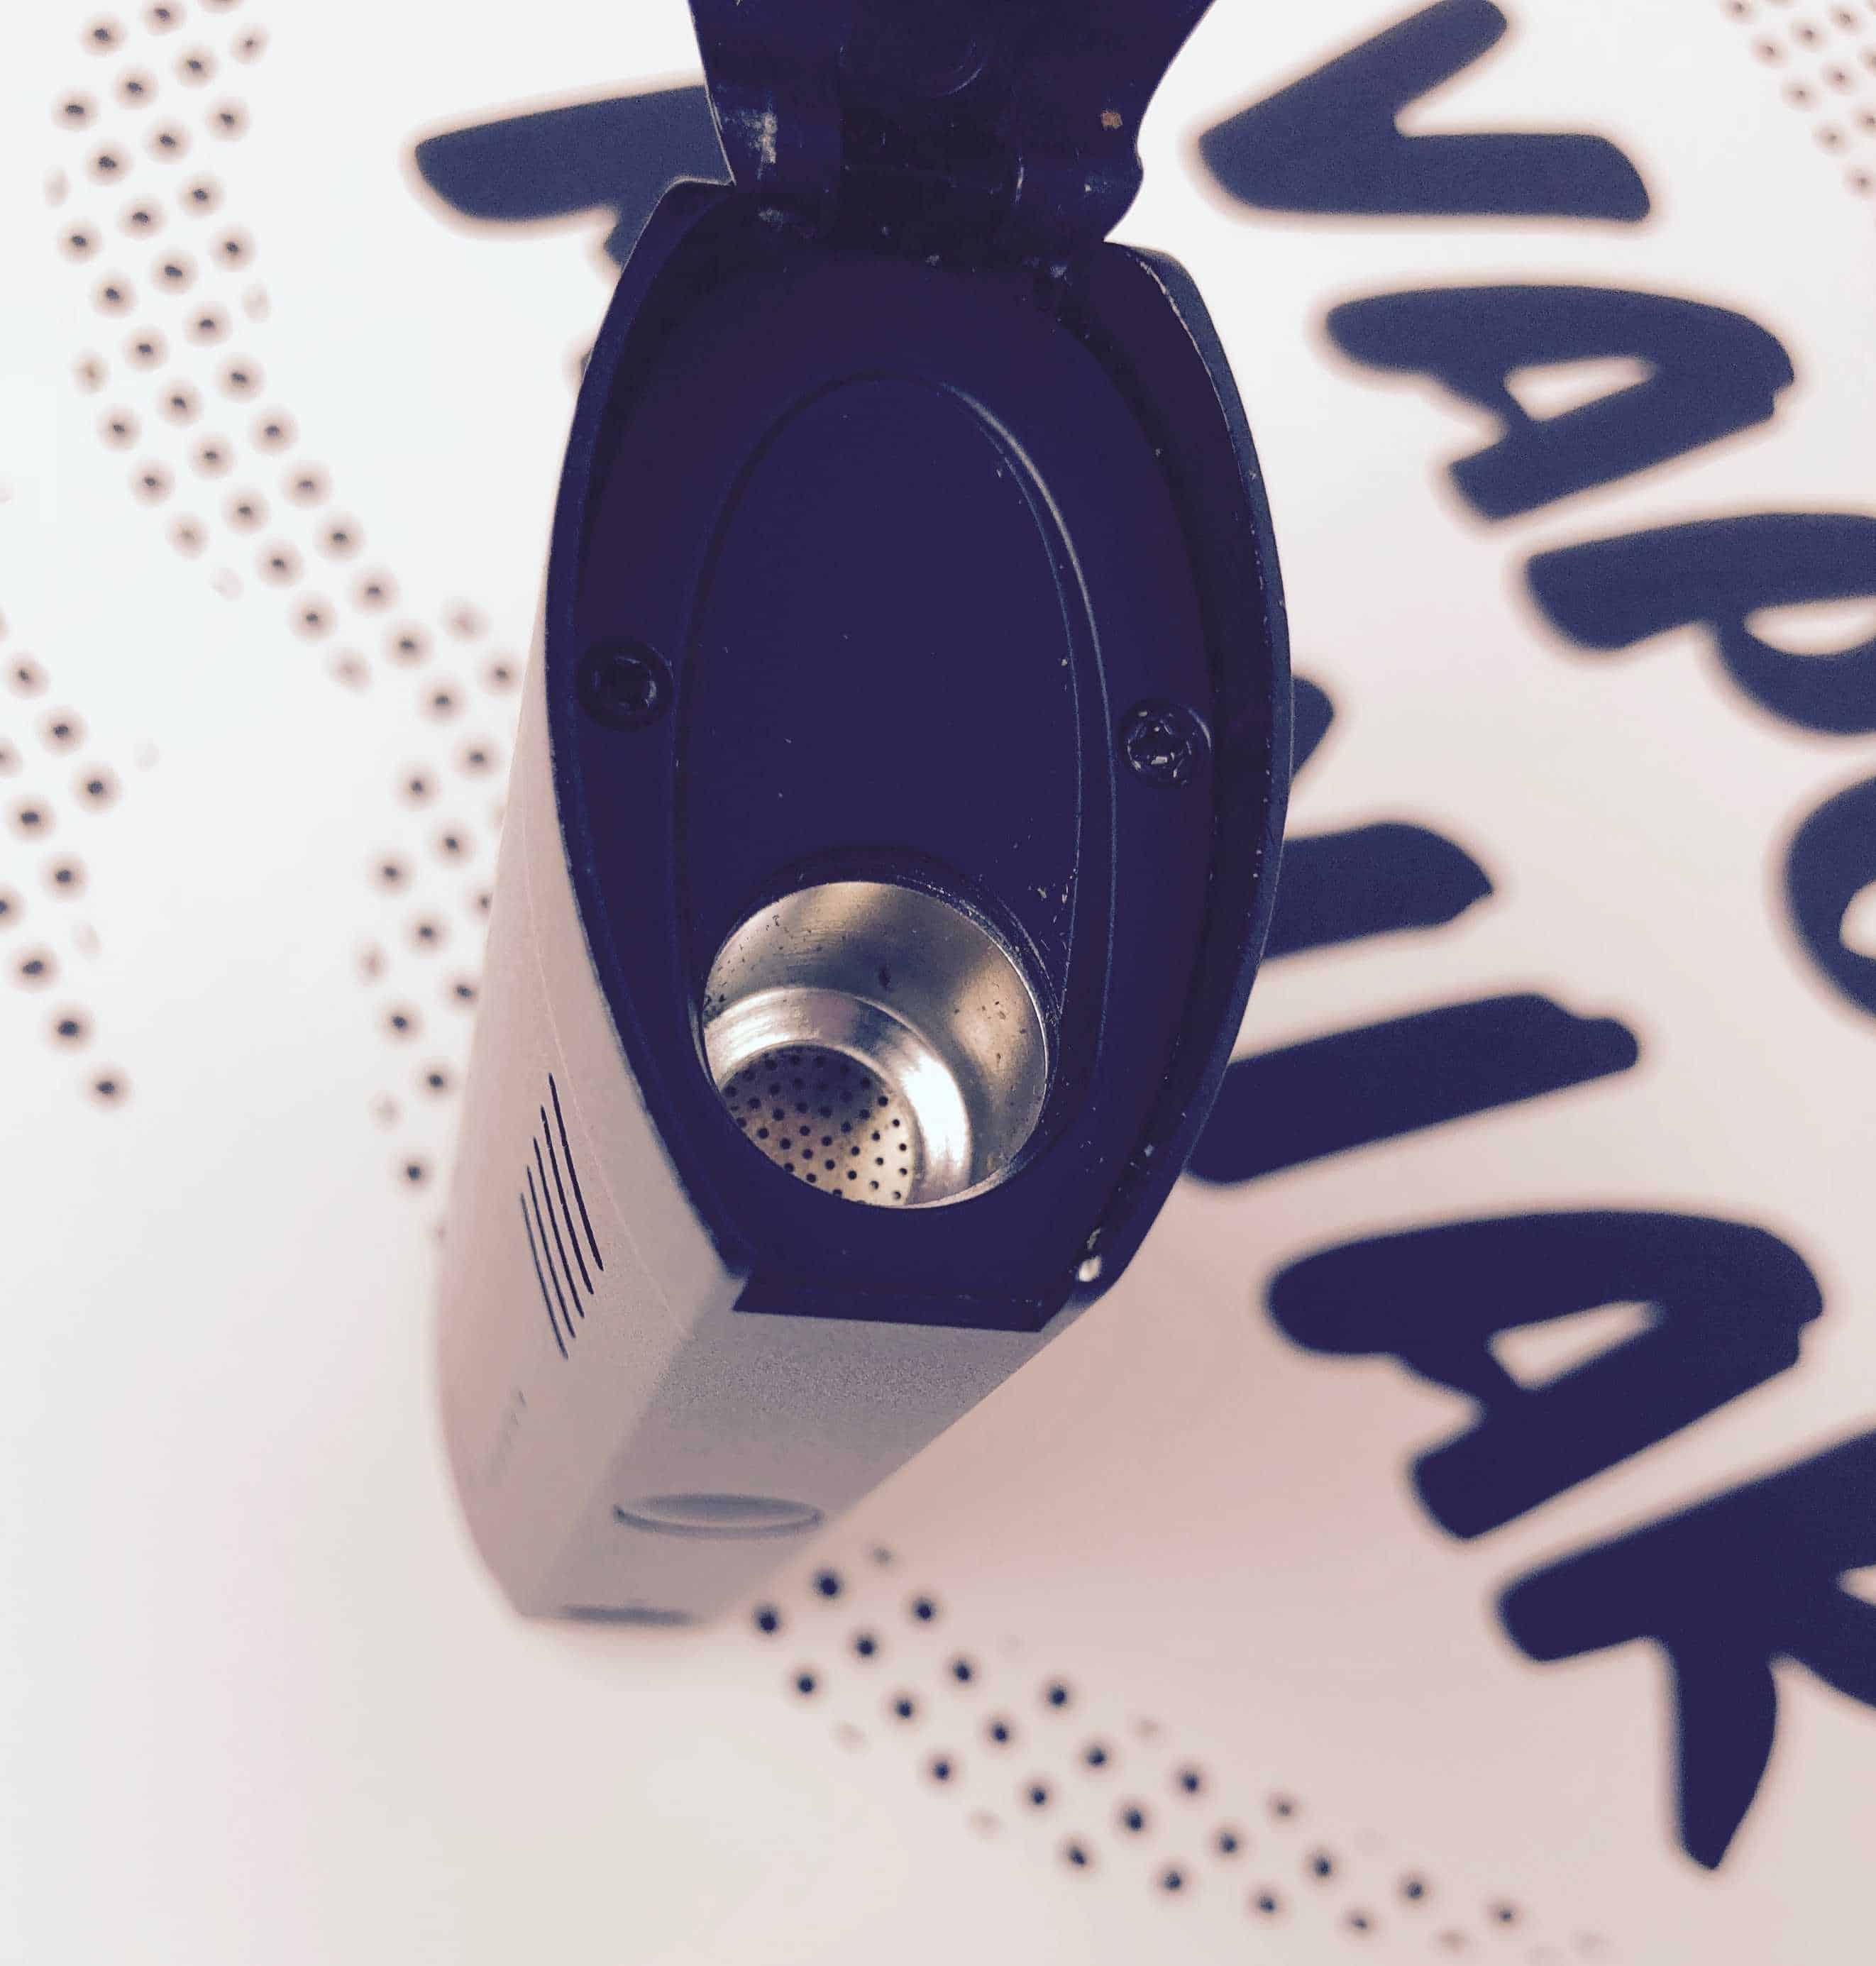 XVape Fog Vaporizer Susz jest ogrzewany przede wszystkim konwekcyjnie, zaś komora jest dość niewielka.